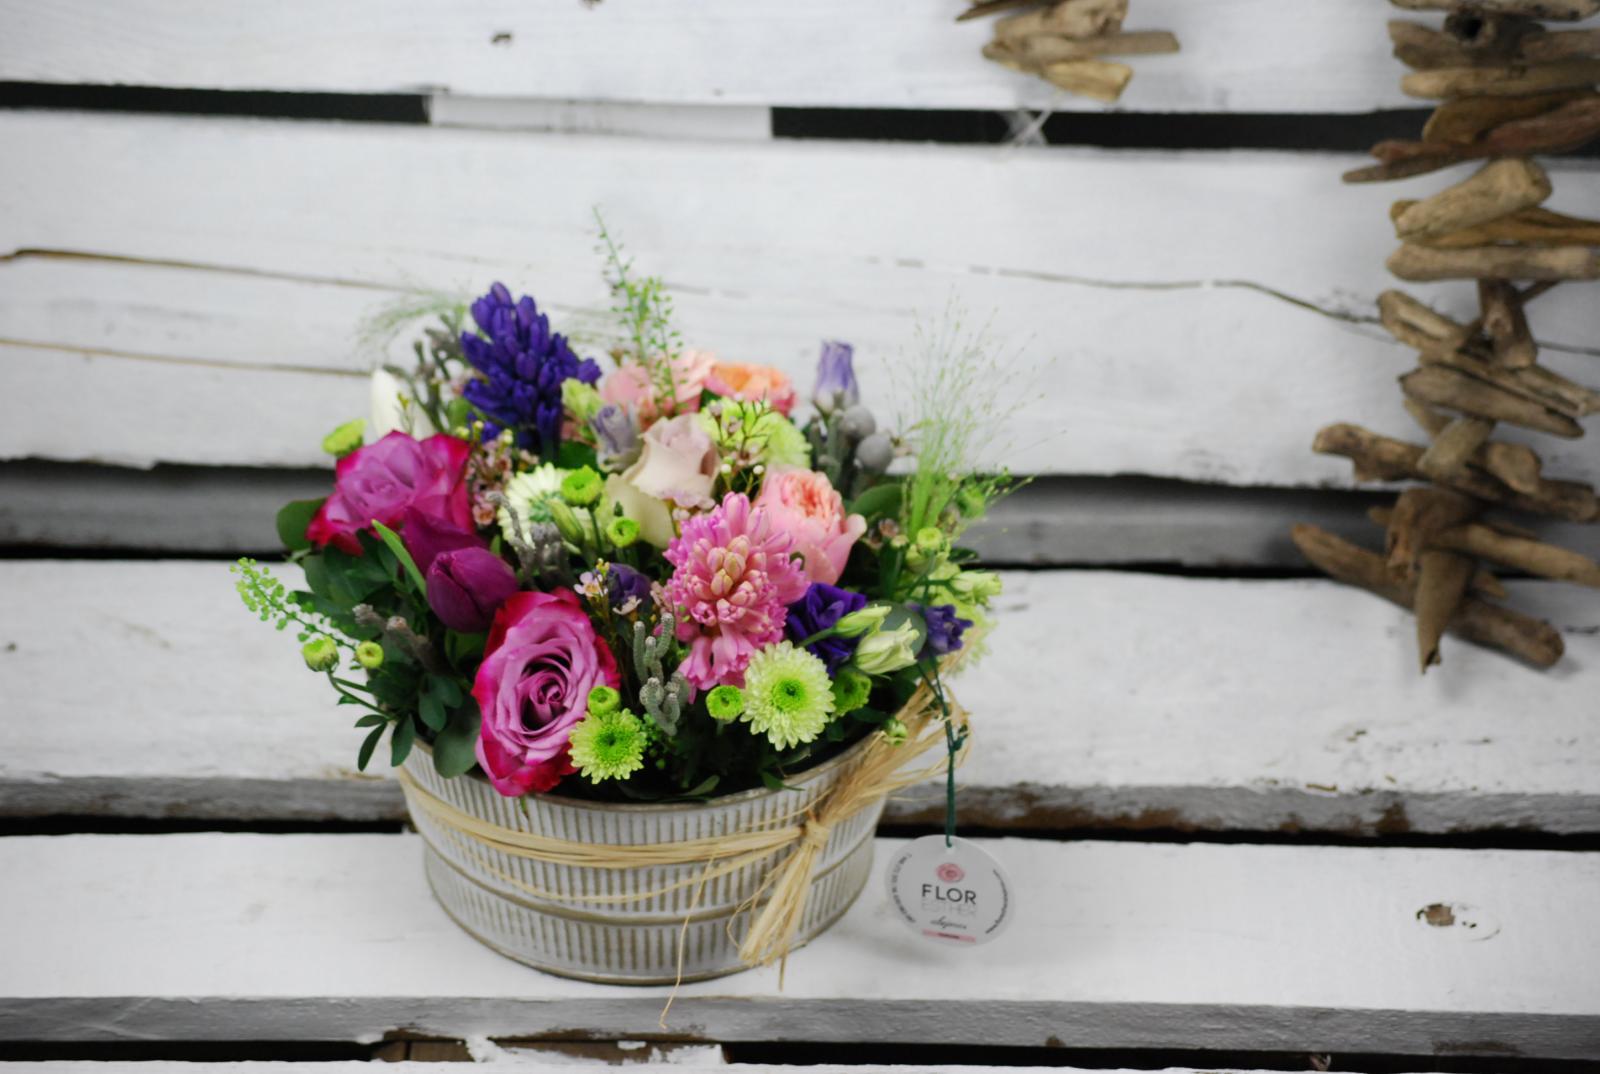 Composición en base redonda con flor de temporada